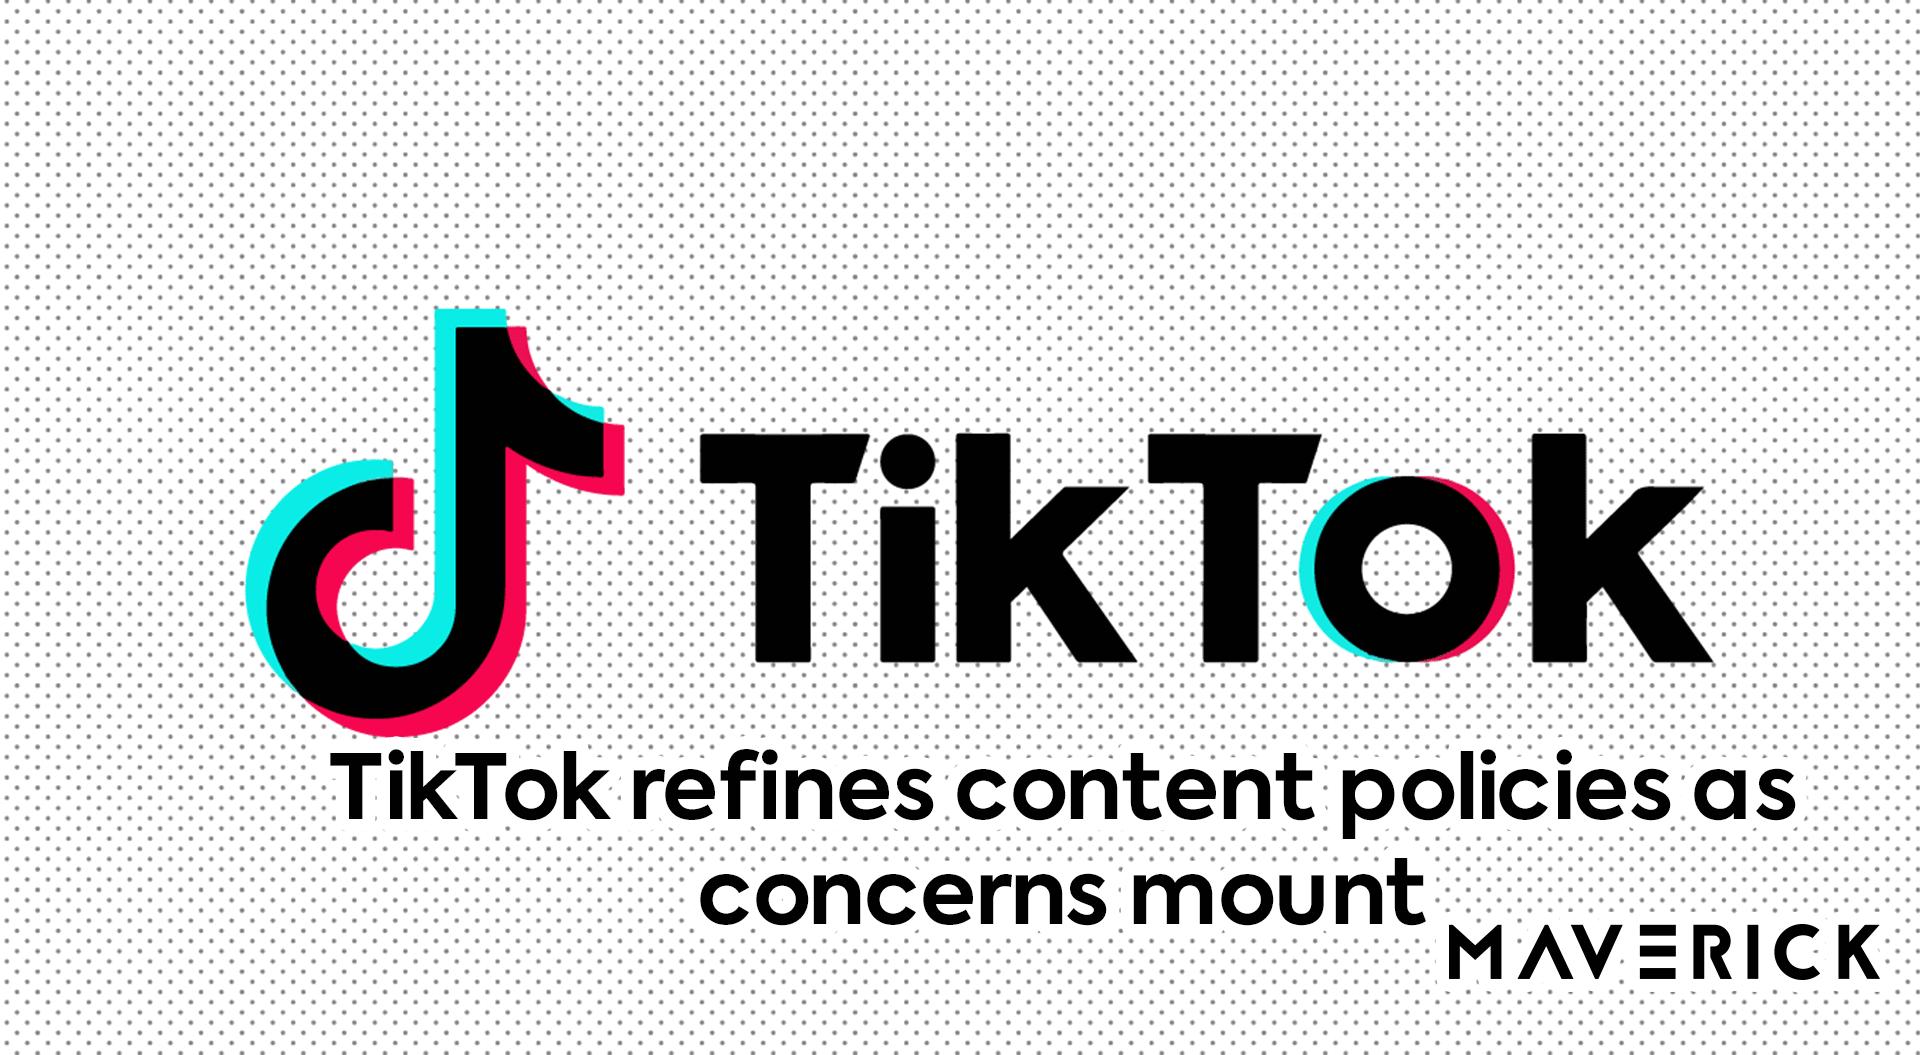 TikTok Content Policies